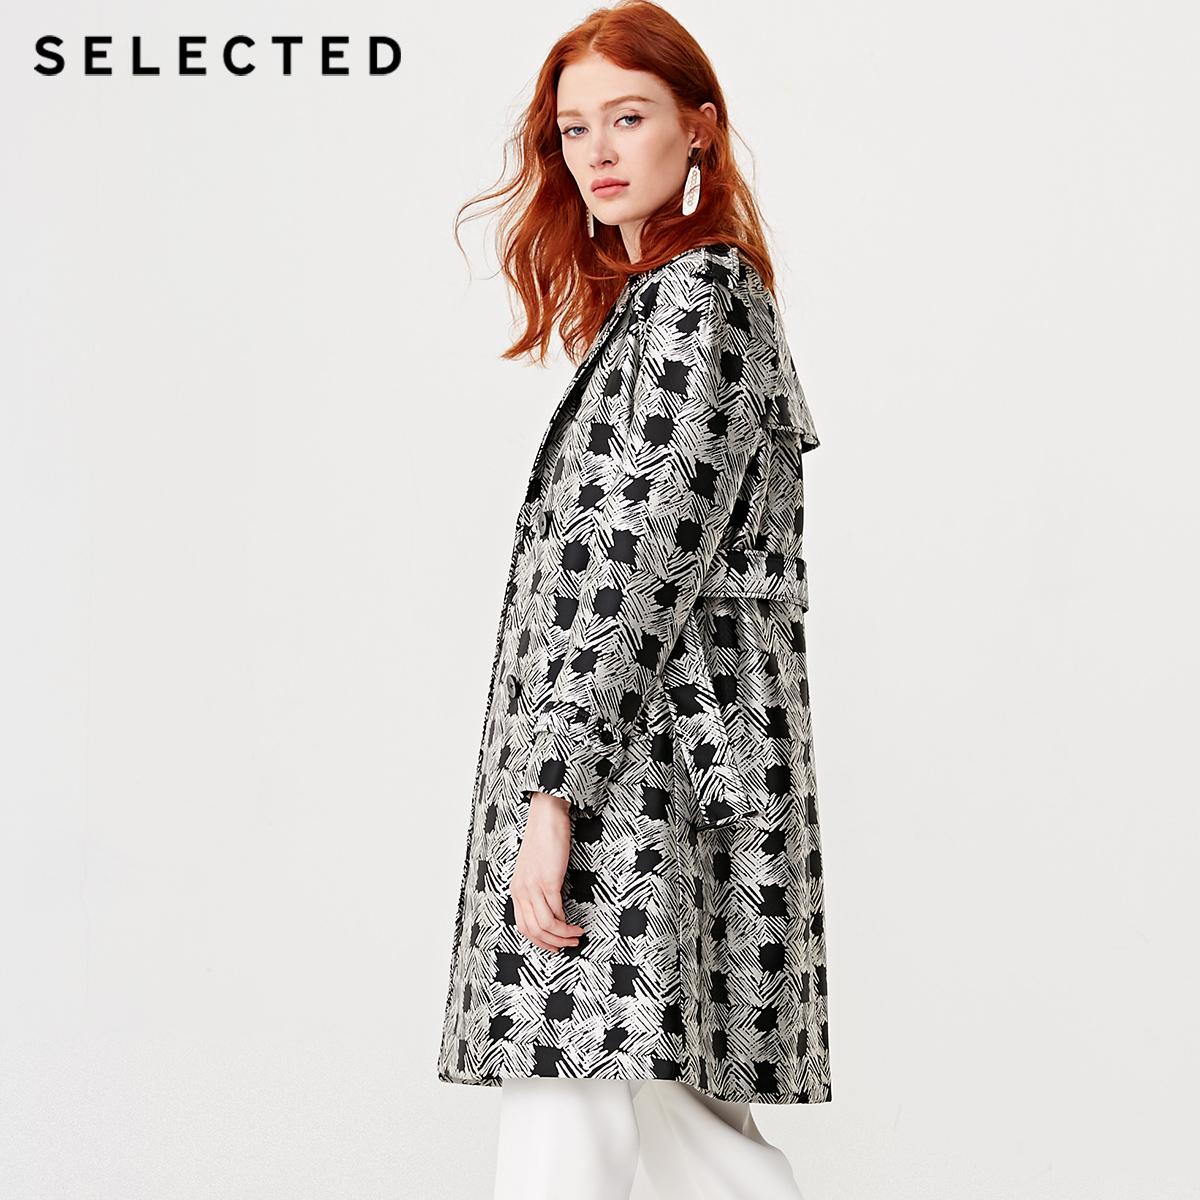 419121503 思莱德格子提花双排扣女士风衣外套 SELECTED 折 8.5 件 3